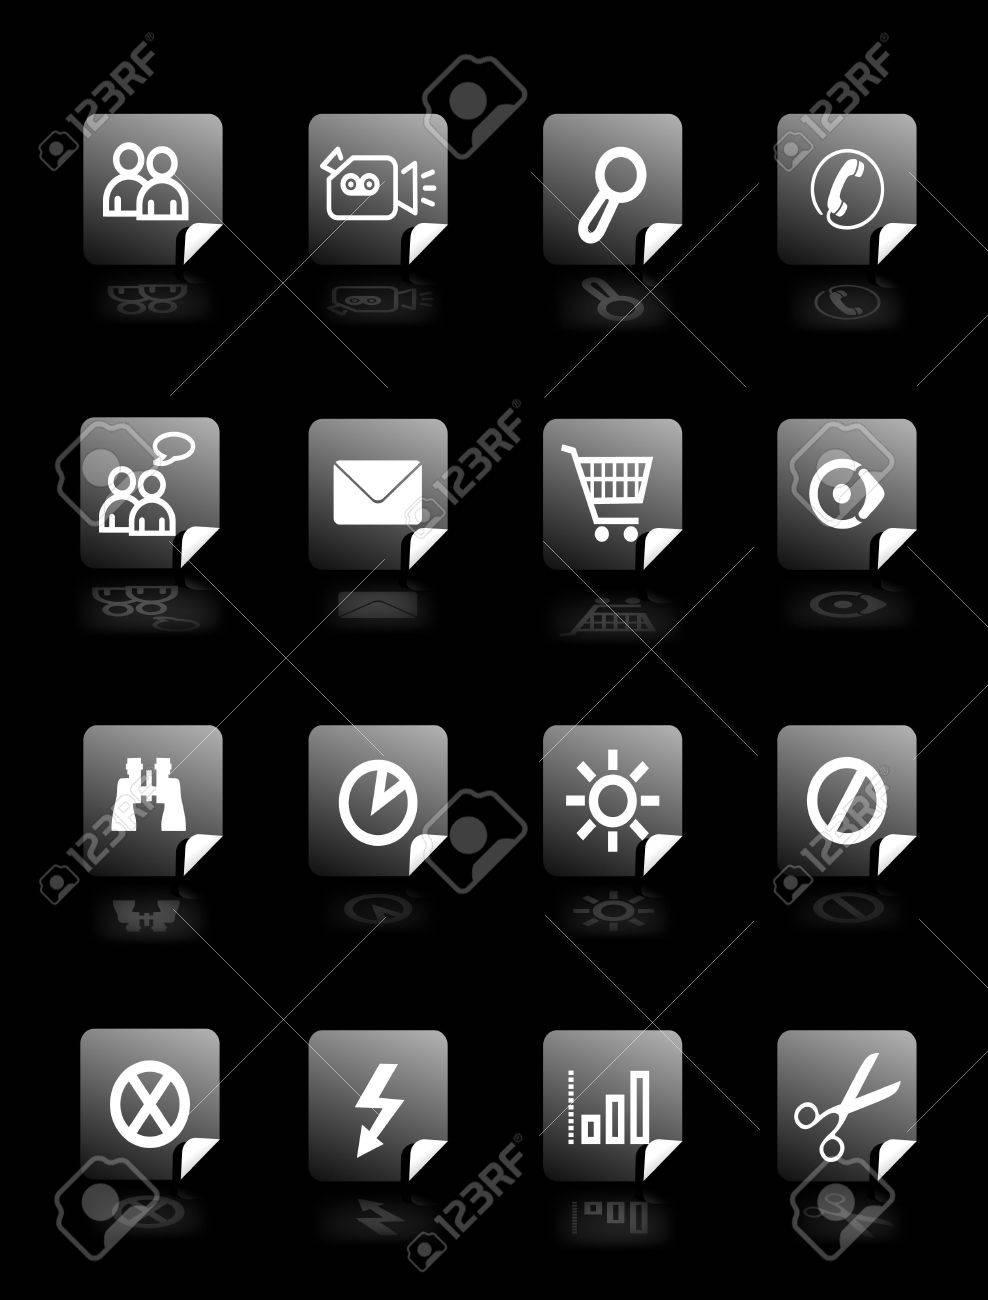 Definir Des Boutons De Vecteur Sur Fond Noir Avec Pictogrammes Pour Le Web Papier Peint Banque D Images Et Photos Libres De Droits Image 2201701